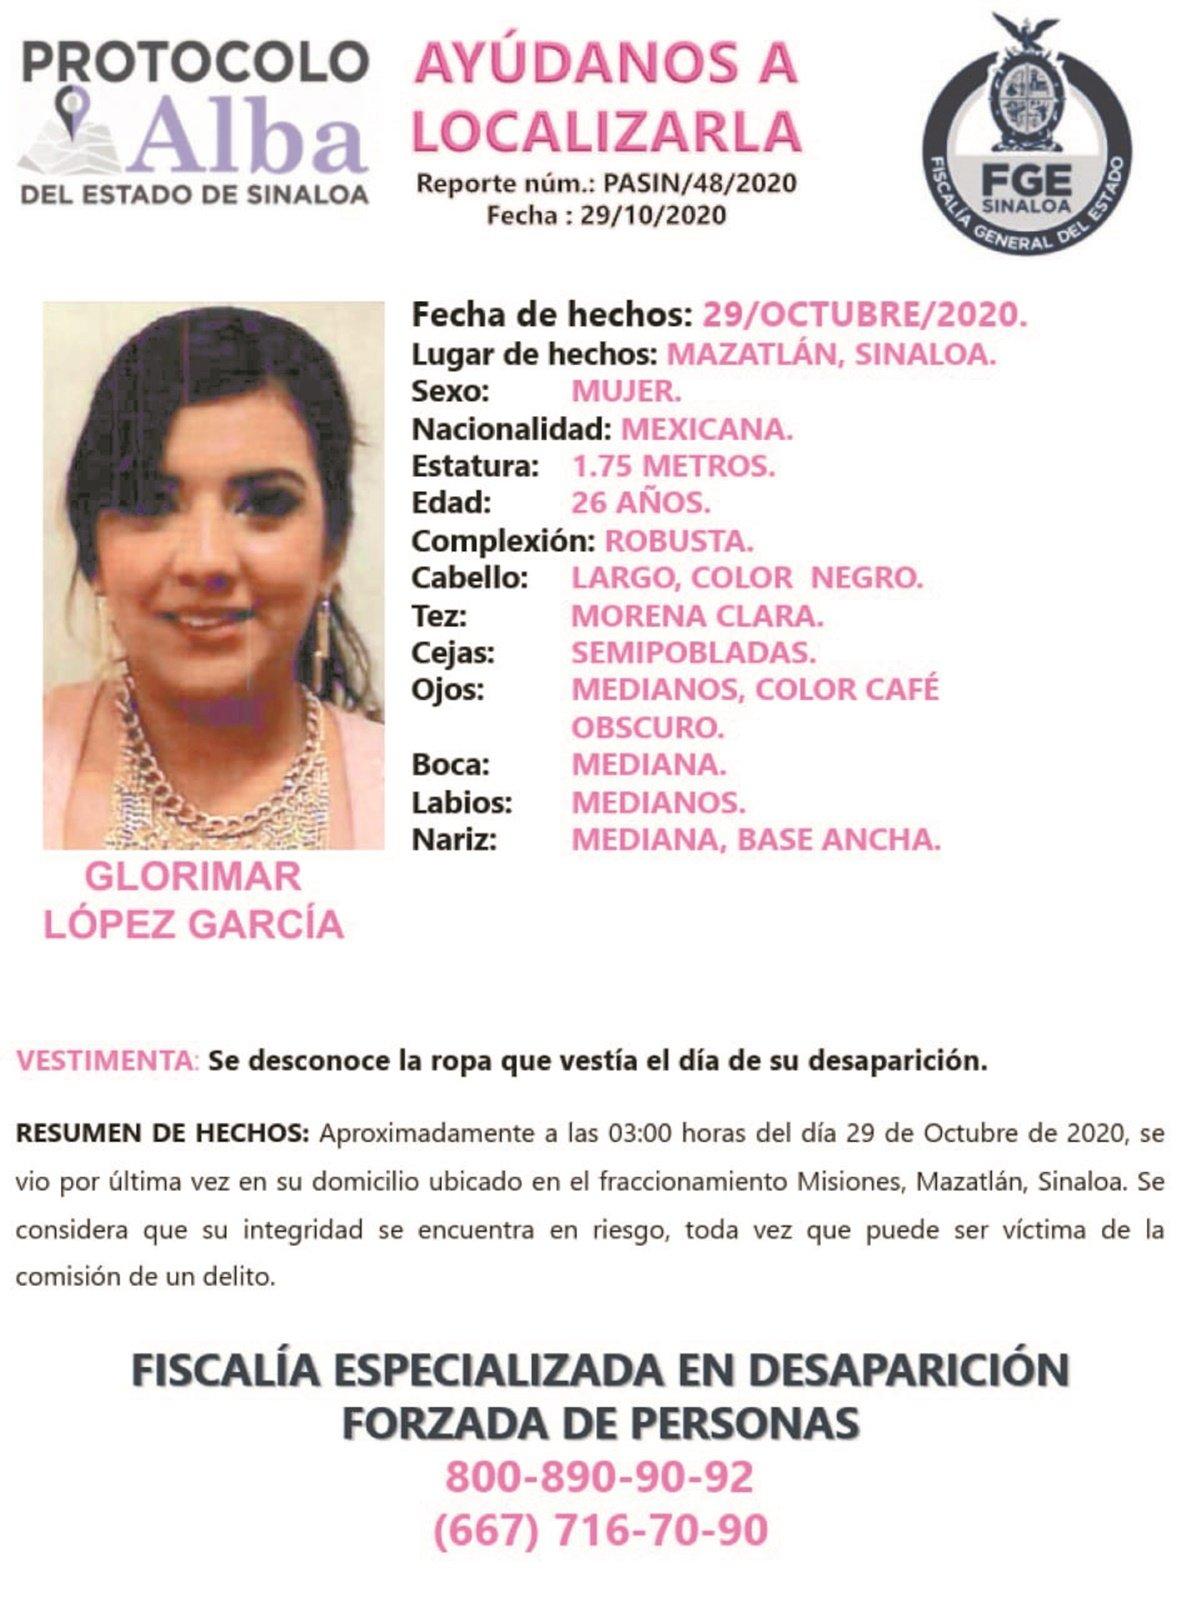 Exigen la localización de Glorimar, enfermera secuestrada en Sinaloa